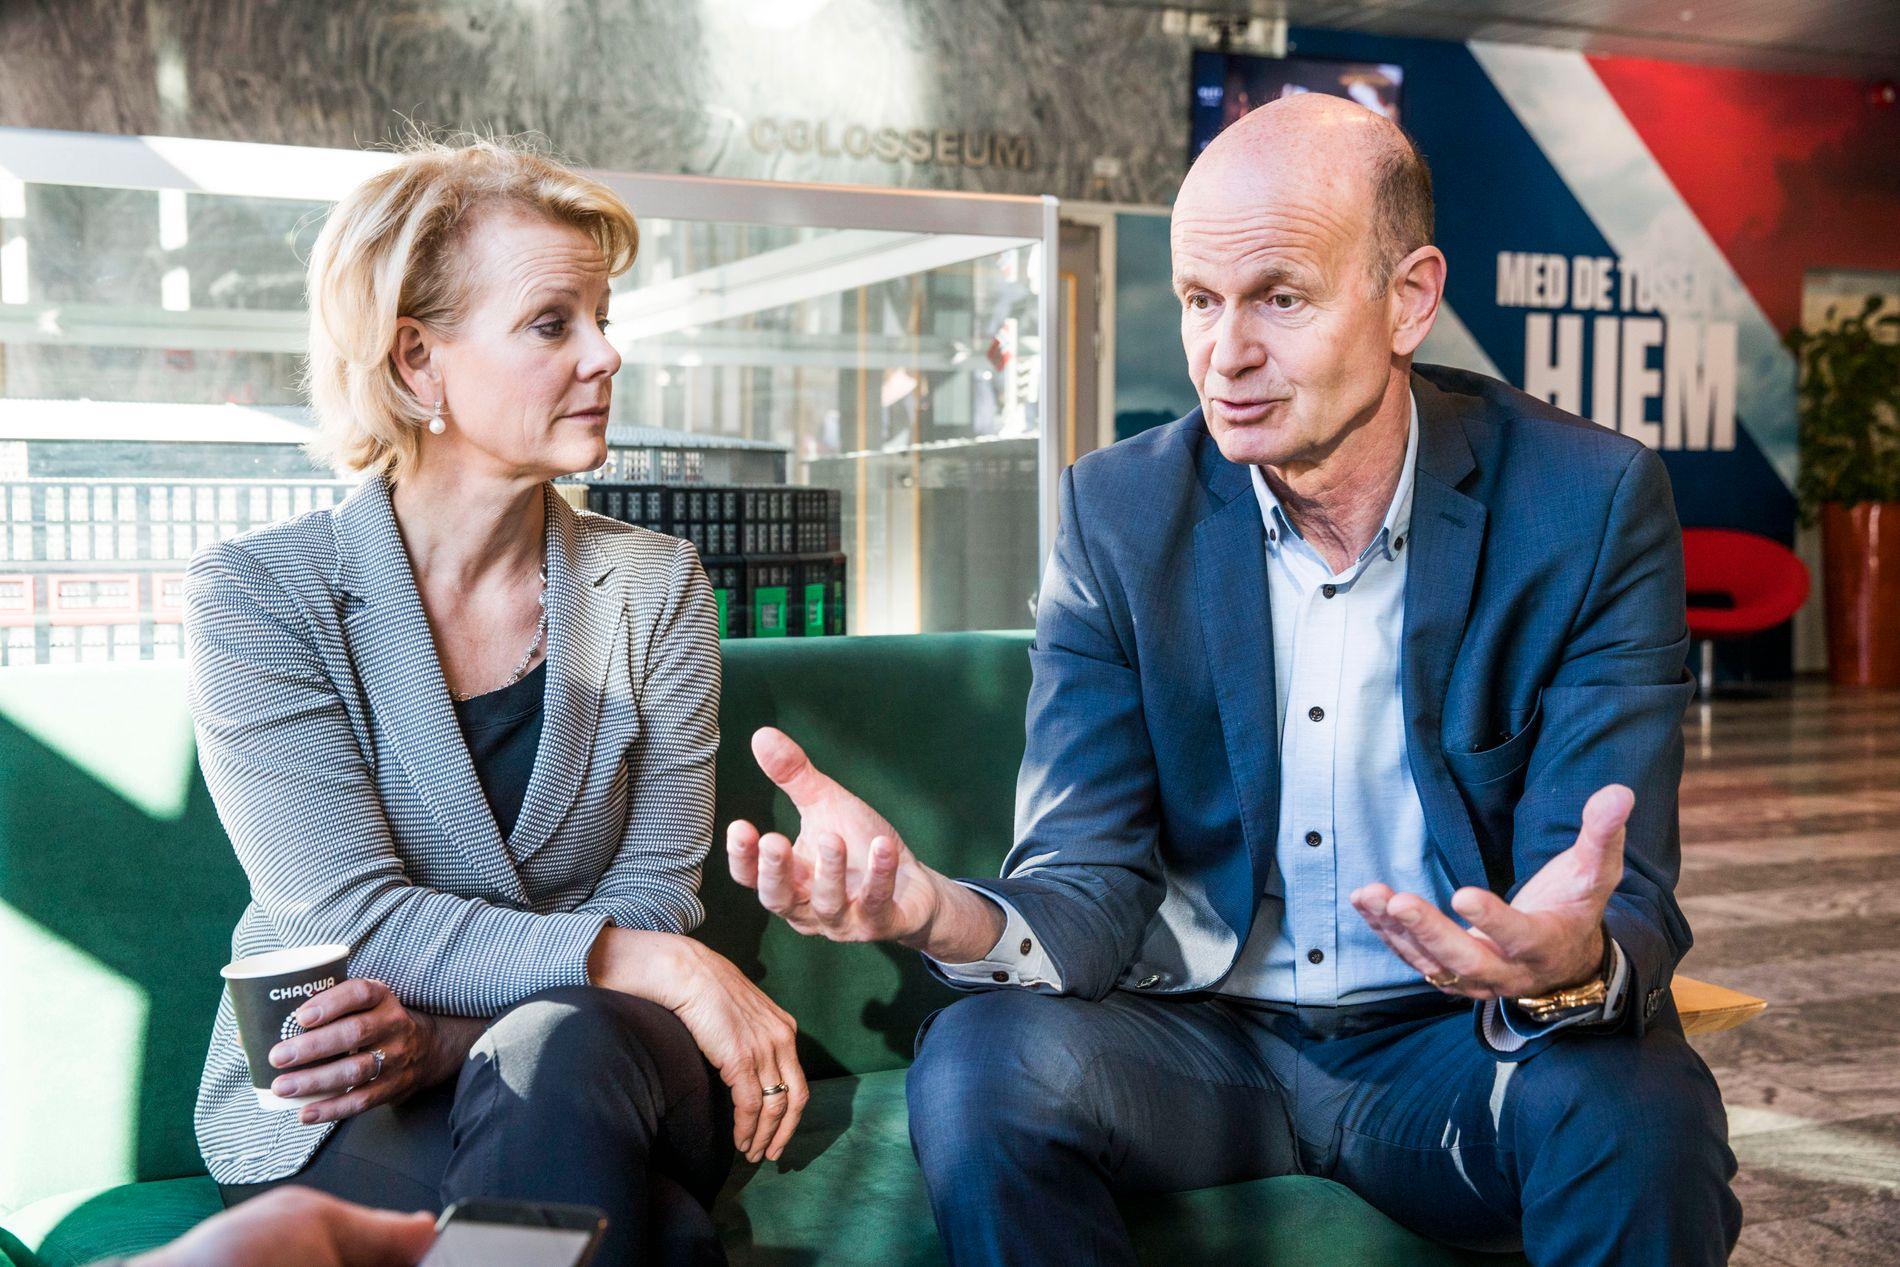 KRITISKE: Merete Smith leder NIFs idrettsmedisinske etiske råd. Hun har med seg Sven Mollekleiv som medlem. Begge – samt de andre medlemmene av rådet – reagerer på at NIF-styret nå velger å legge det ned.